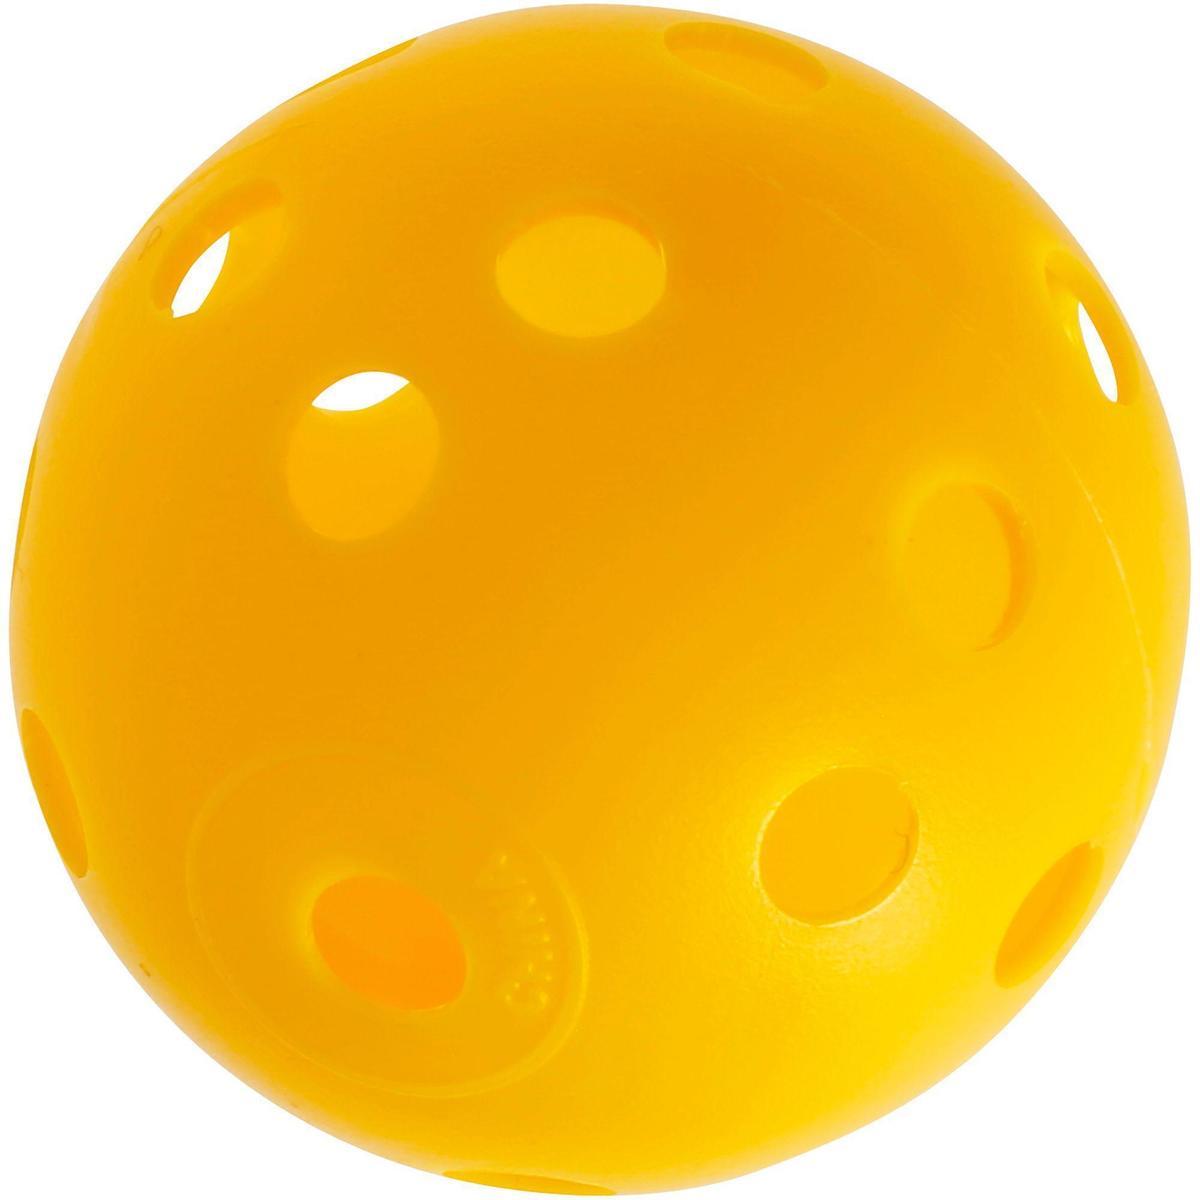 Bild 3 von Golfbälle perforiert 6 Stück